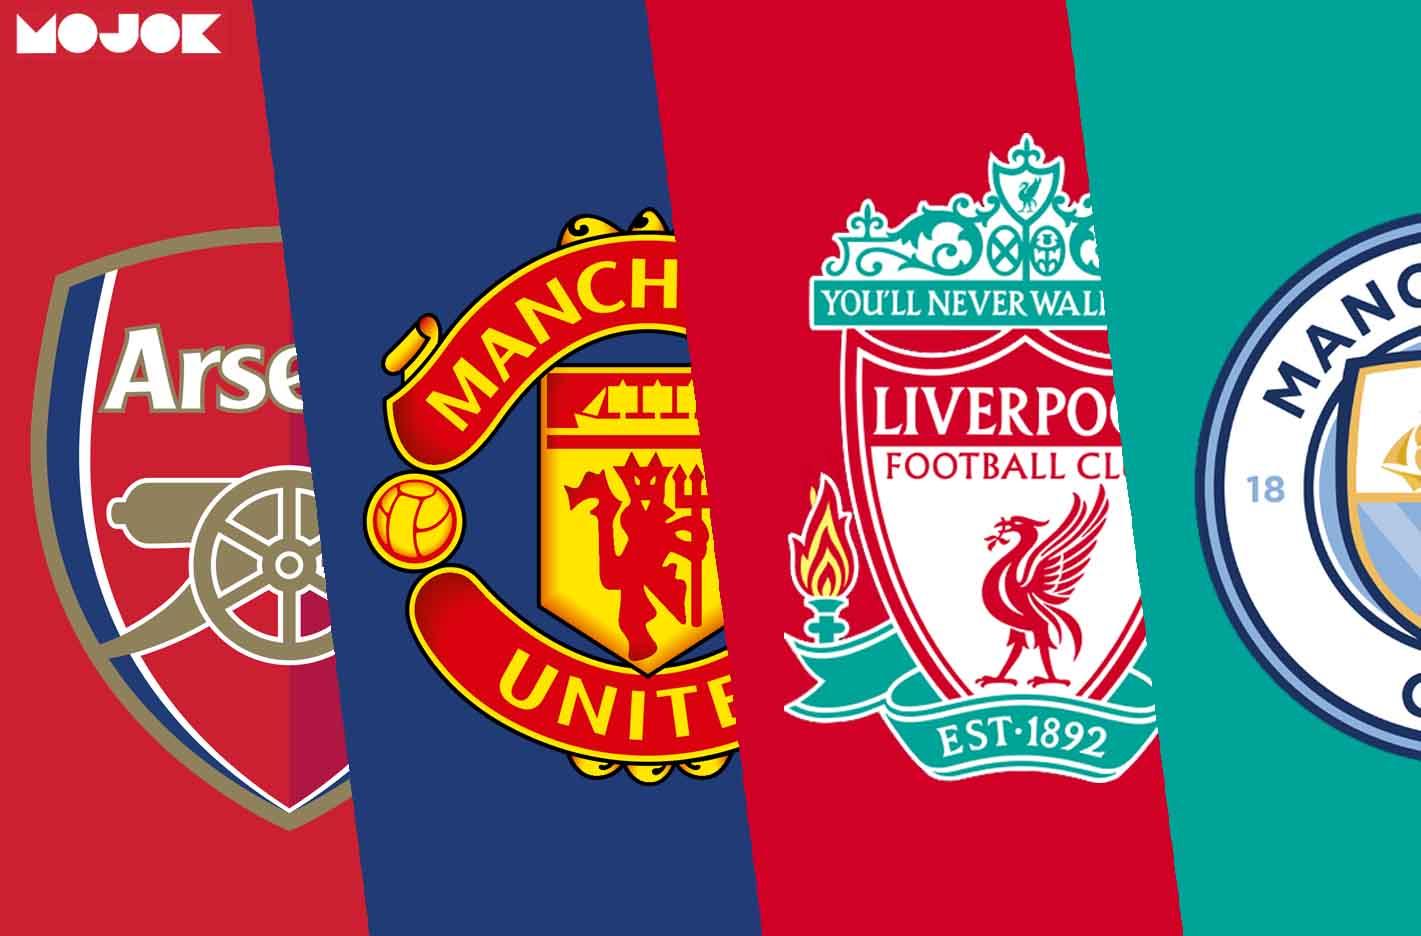 Arsenal X Manchester United Yang Menangis Dan Tertawa Di